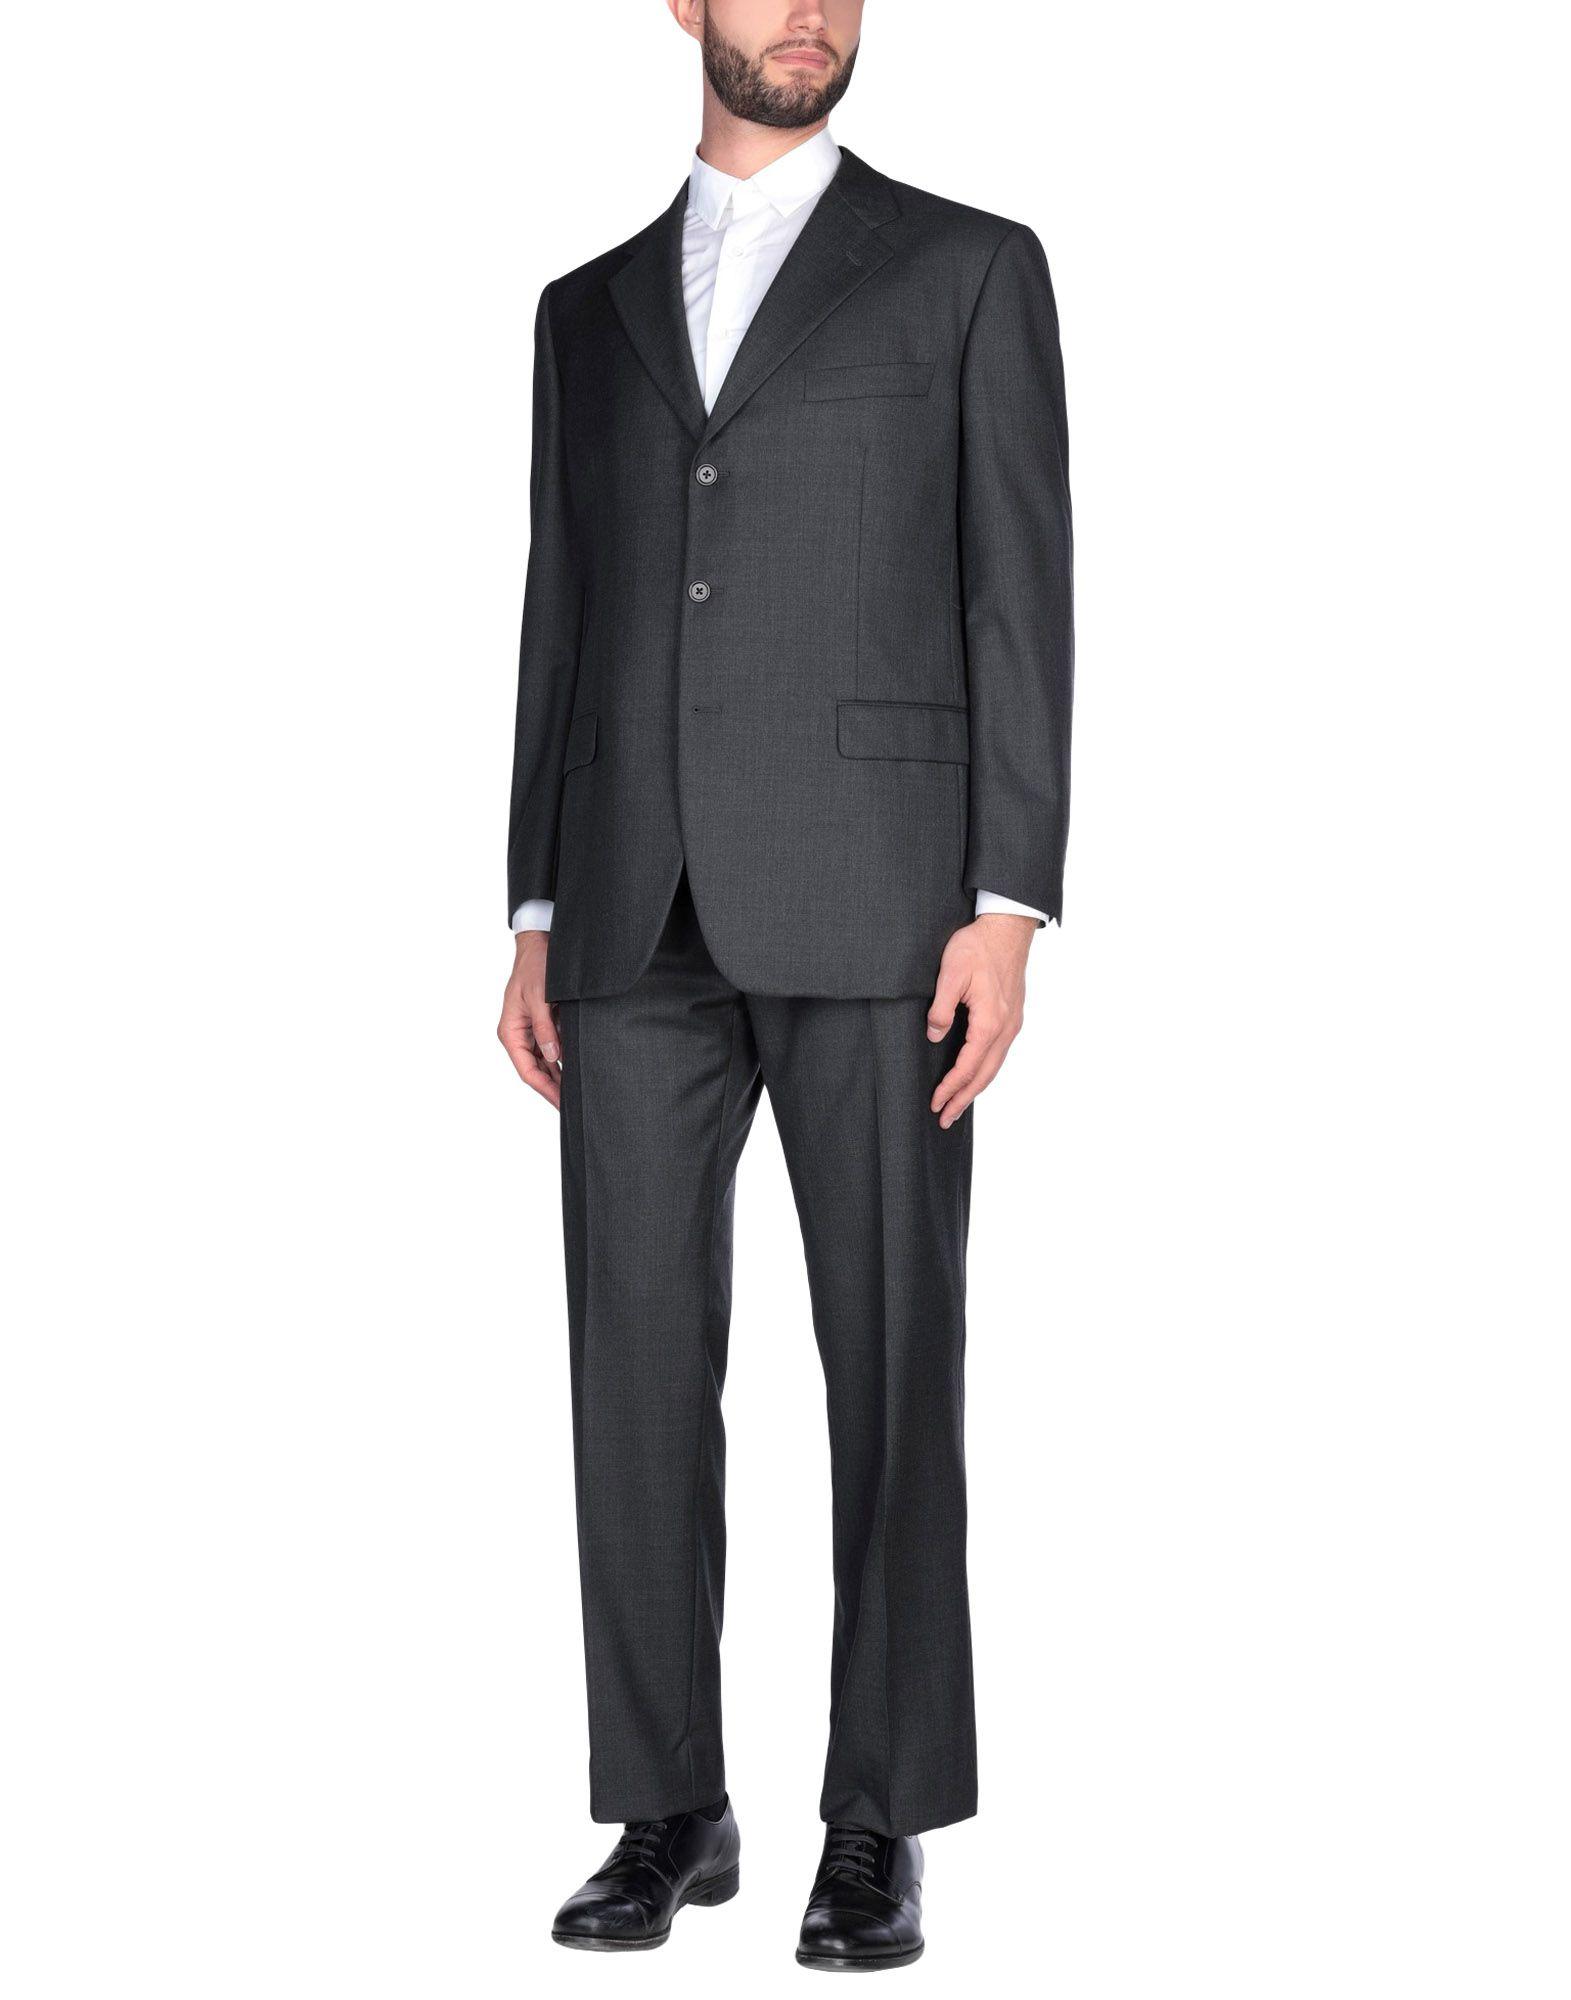 《送料無料》BURBERRY メンズ スーツ スチールグレー 56 スーパー120 ウール 100%